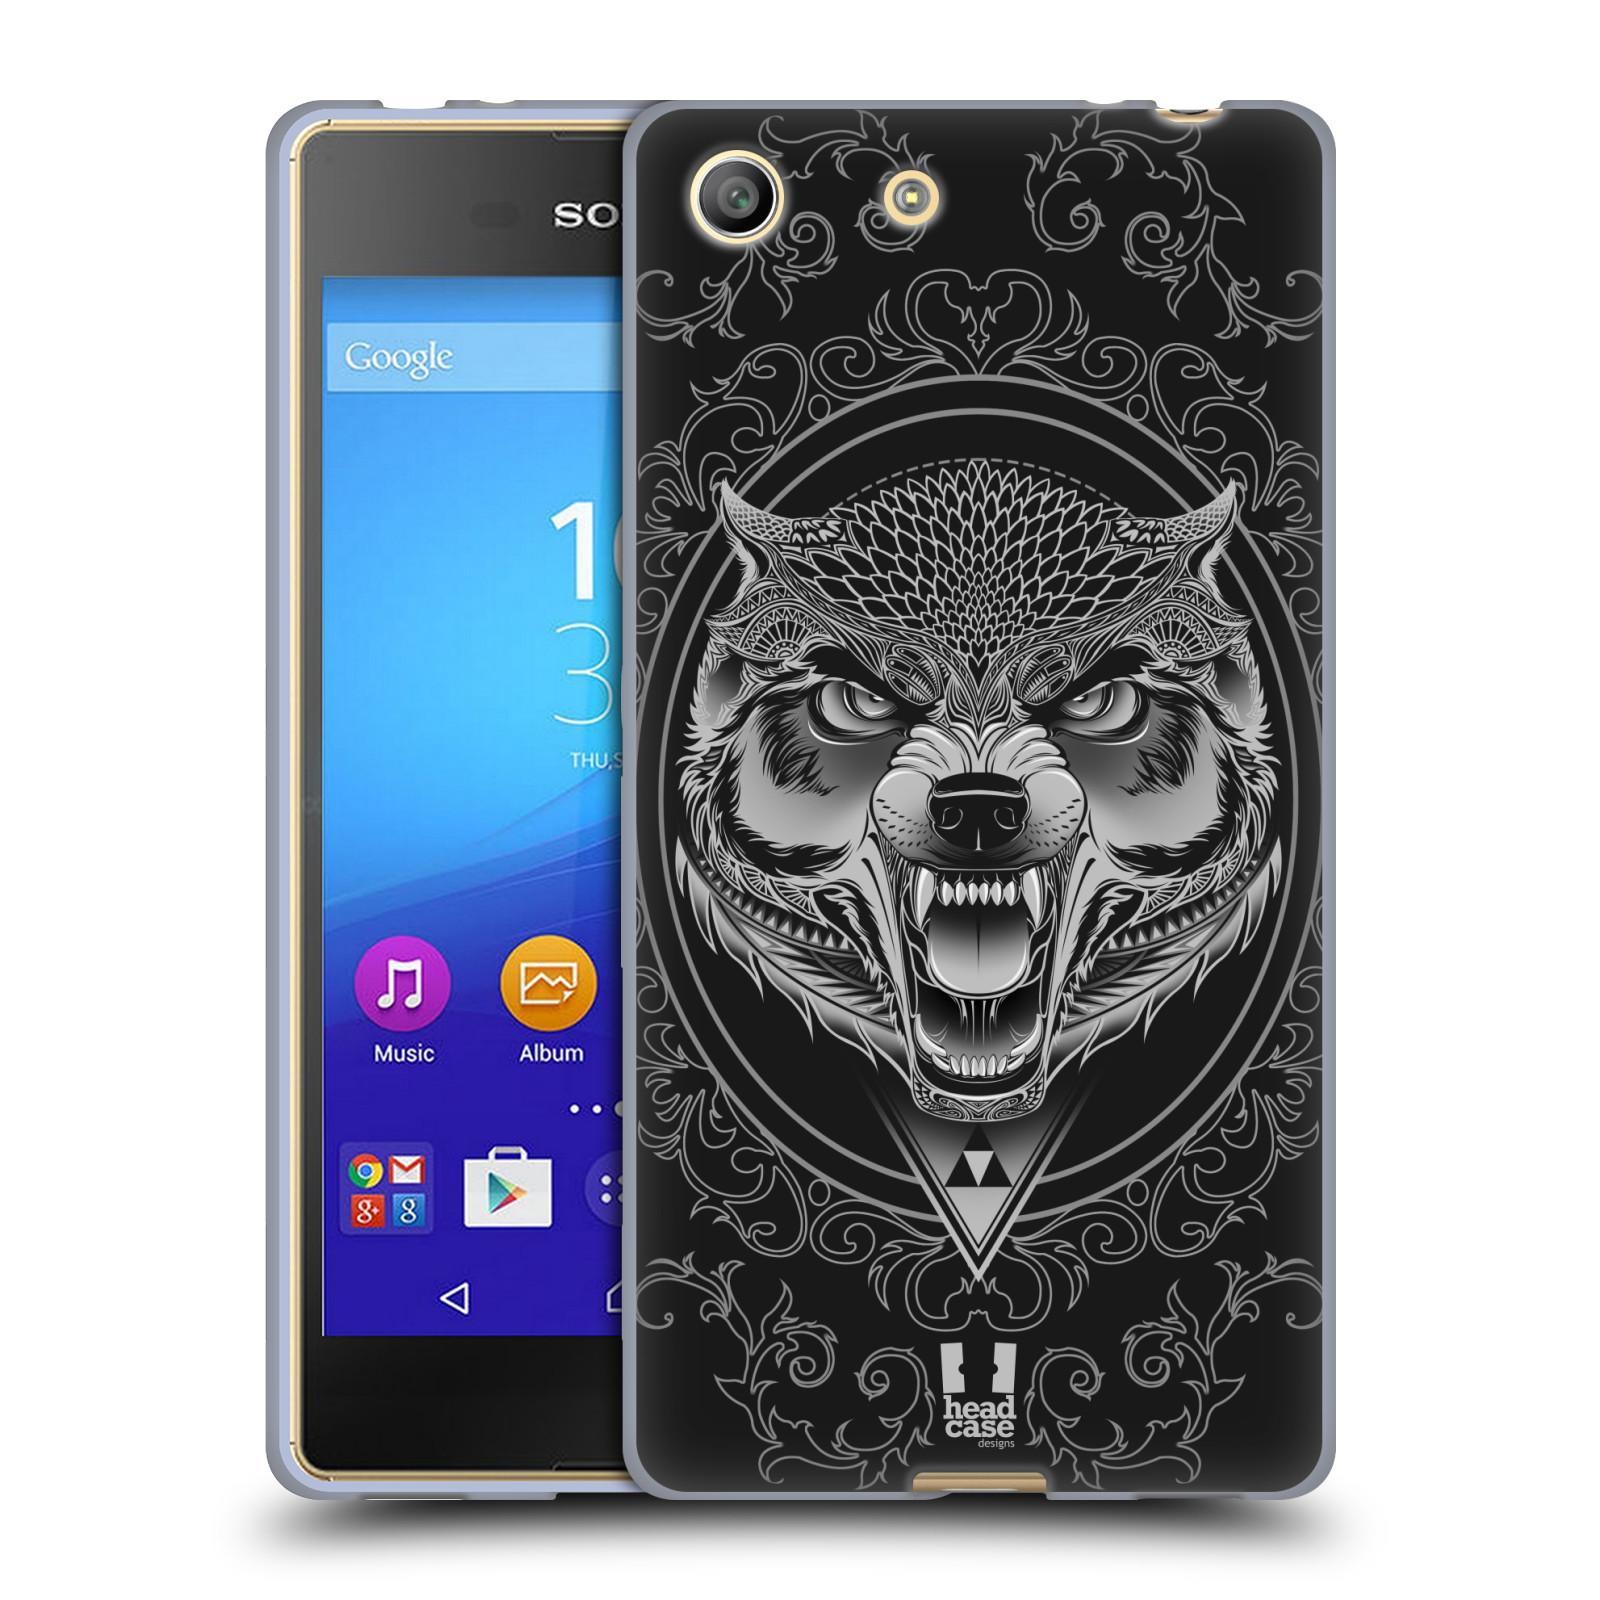 Silikonové pouzdro na mobil Sony Xperia M5 - Head Case - Krutý vlk